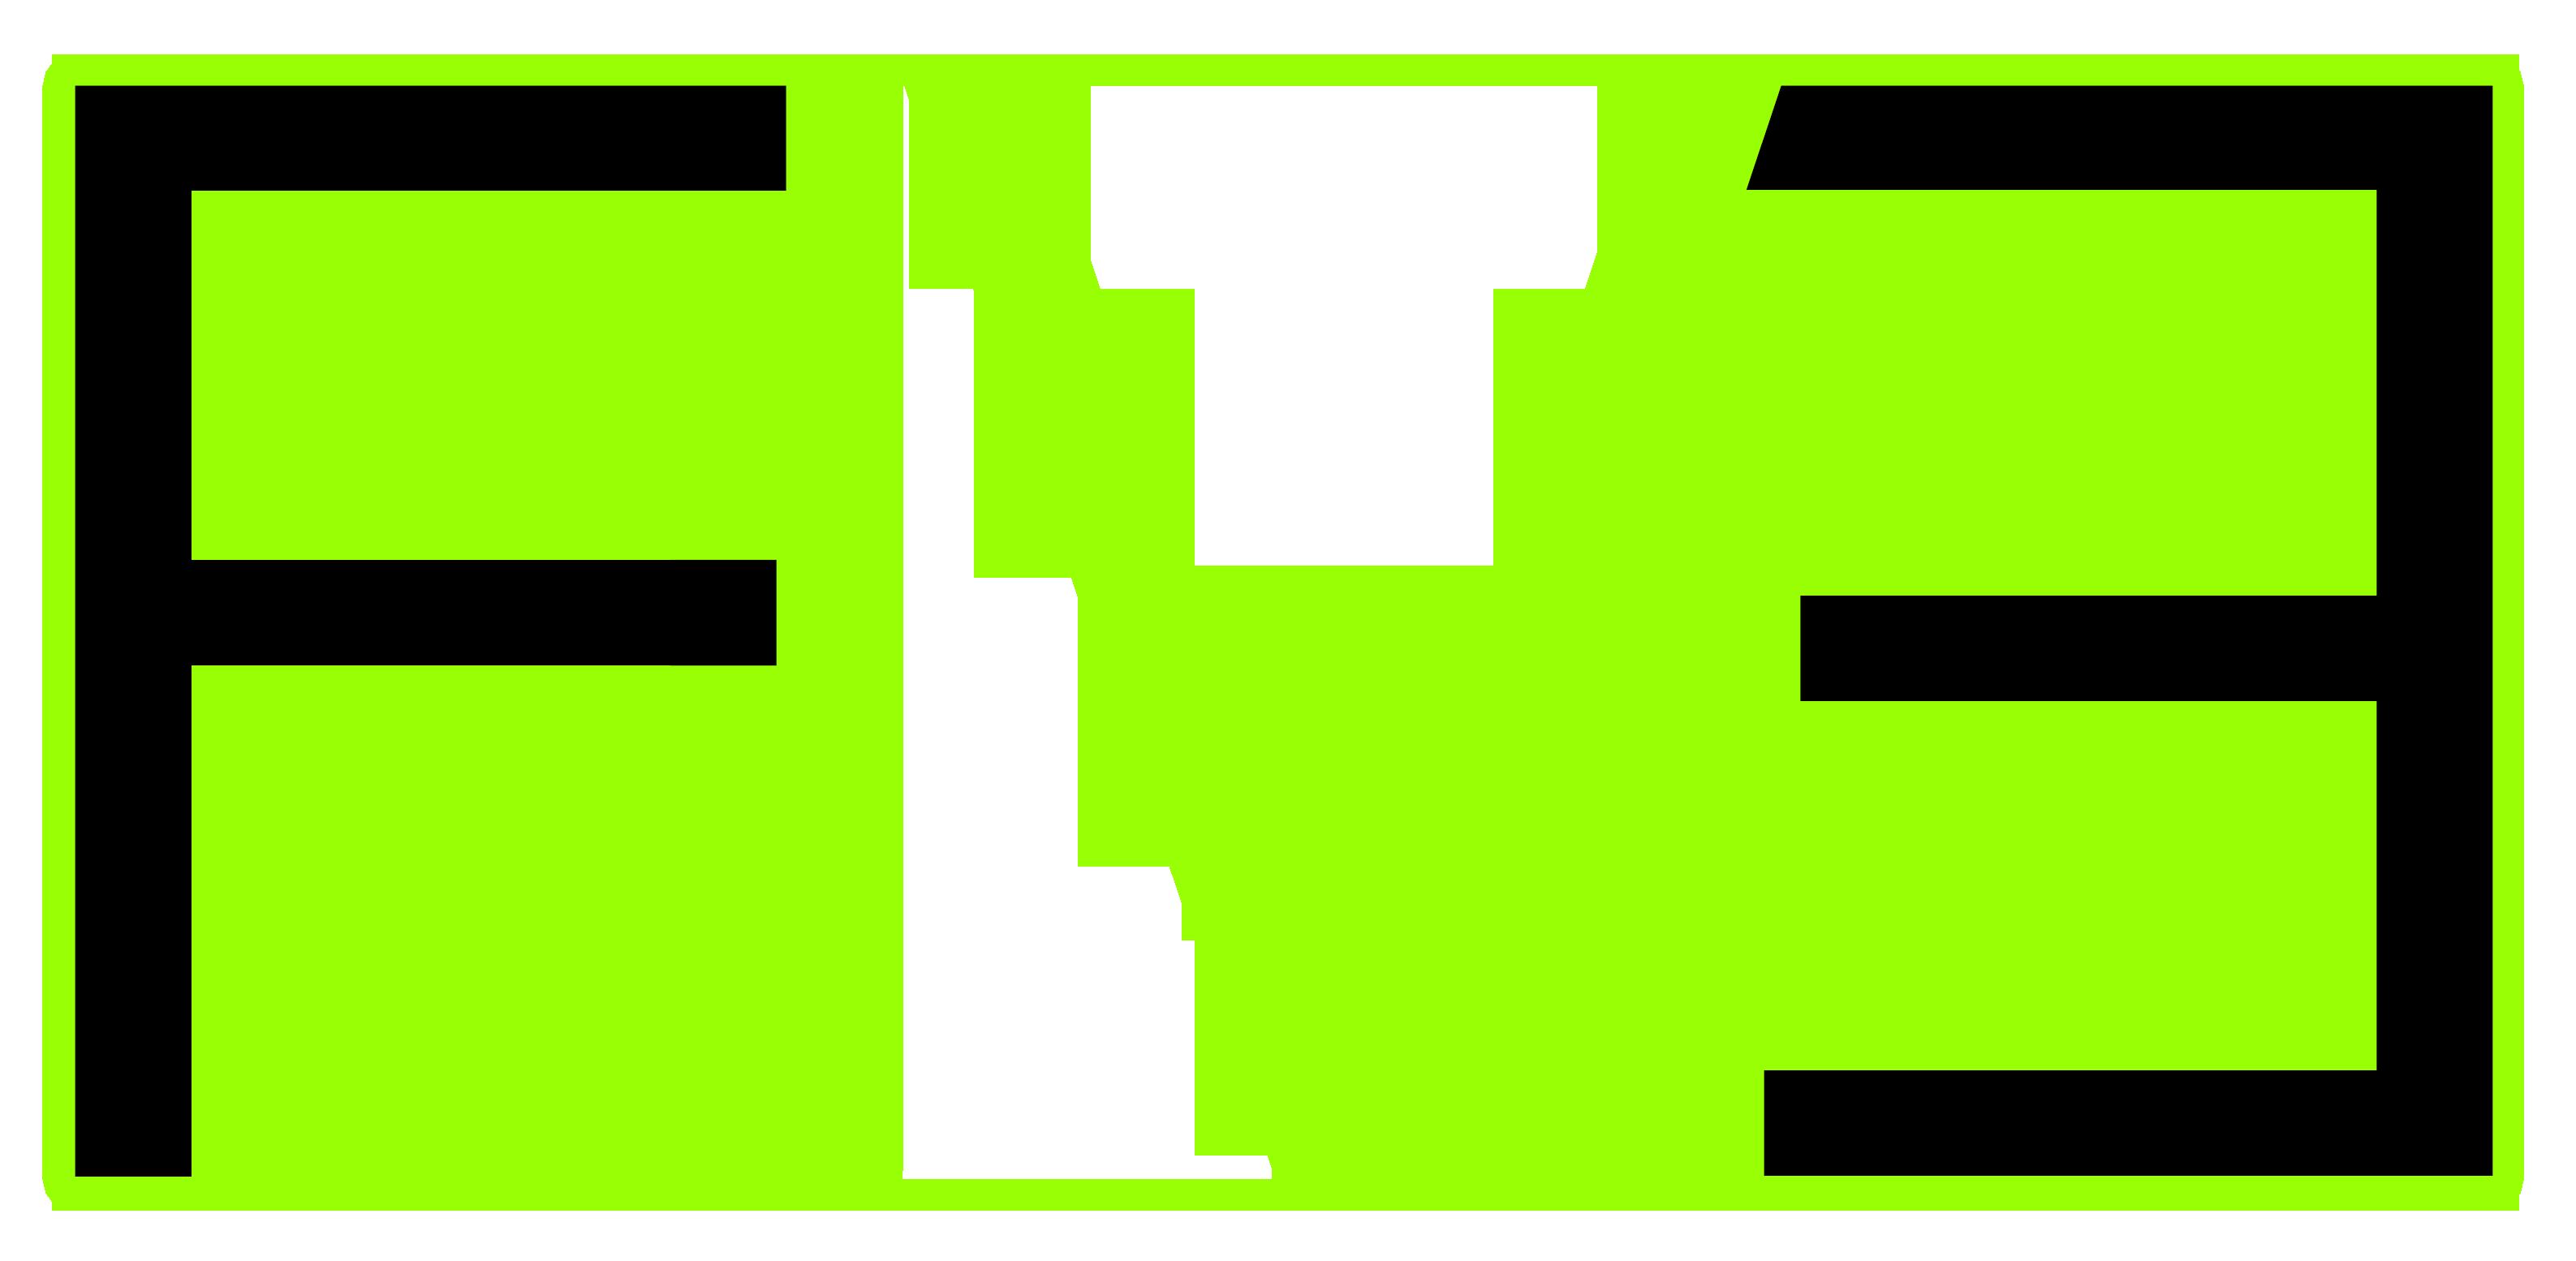 FivEQuartet.com